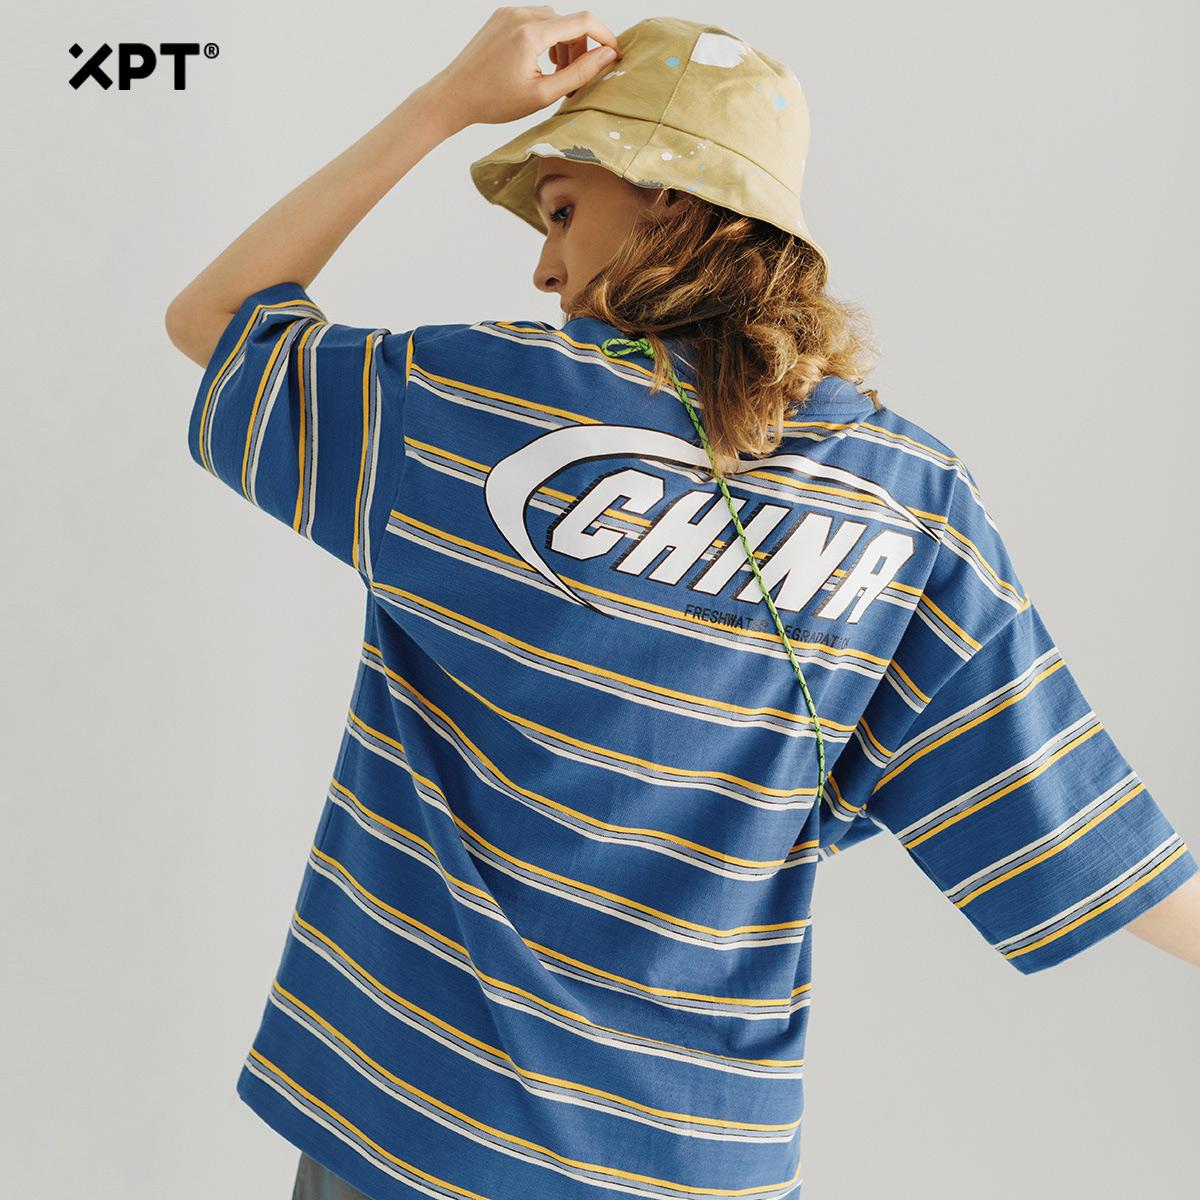 XPT潮牌条纹短袖T恤情侣装男2020新款潮流宽松半截袖体恤男装上衣